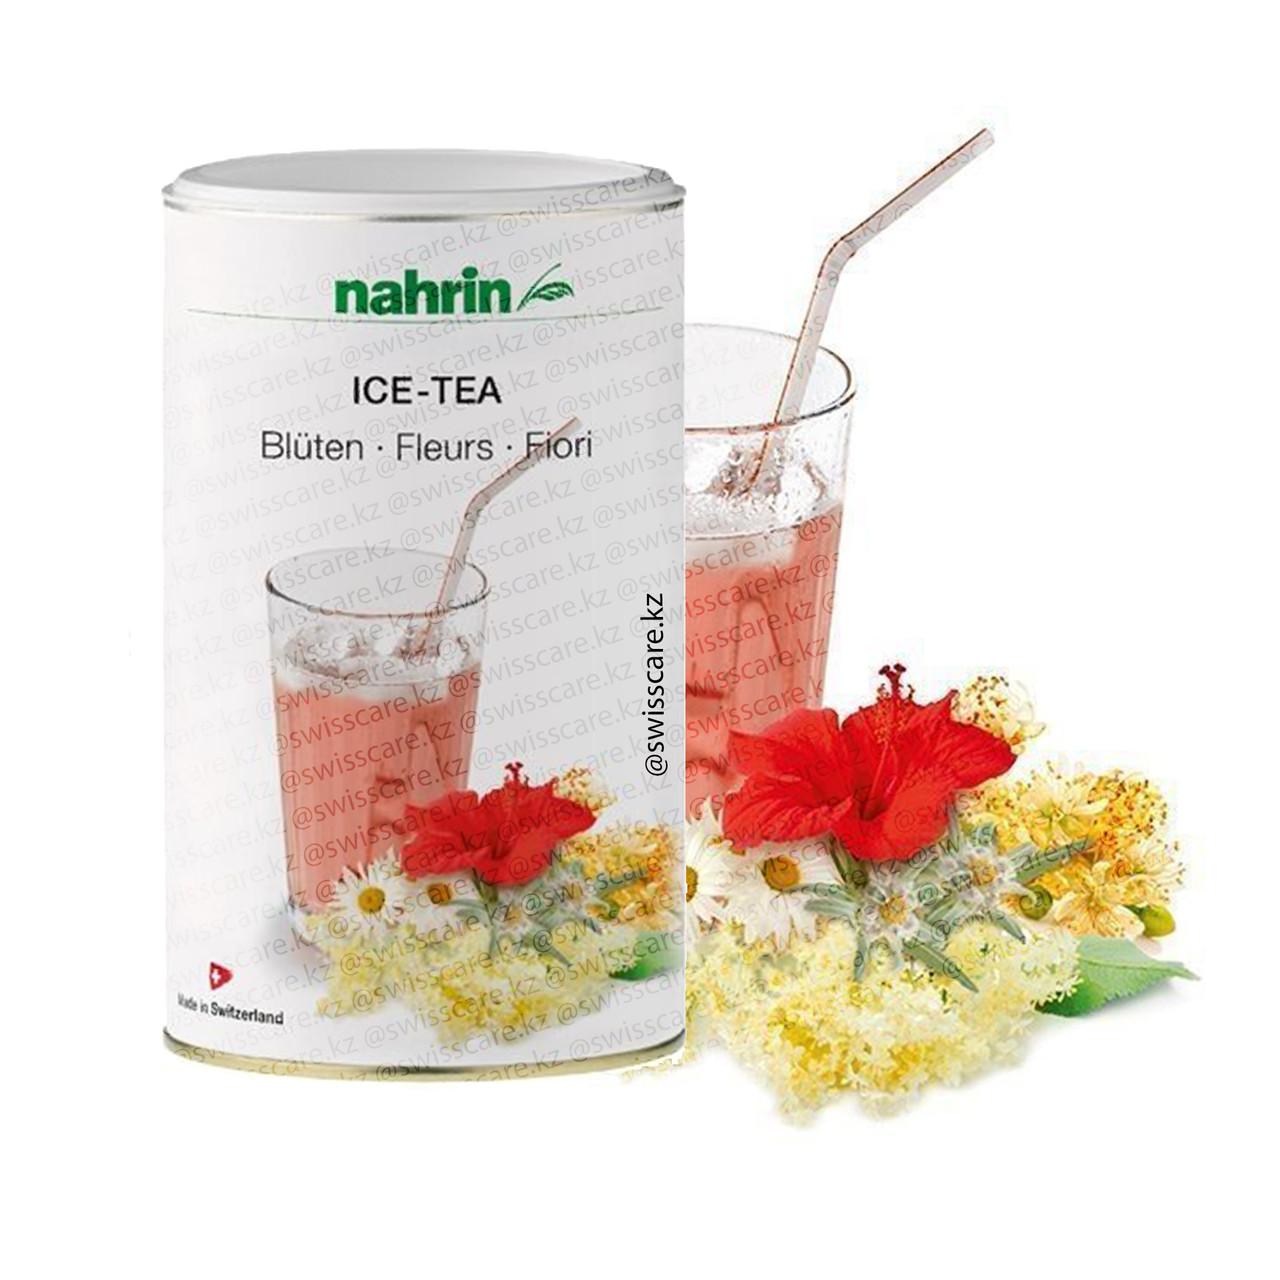 Холодный цветочный чай Айсти Нарин Nahrin (Оригинал-Швейцария)